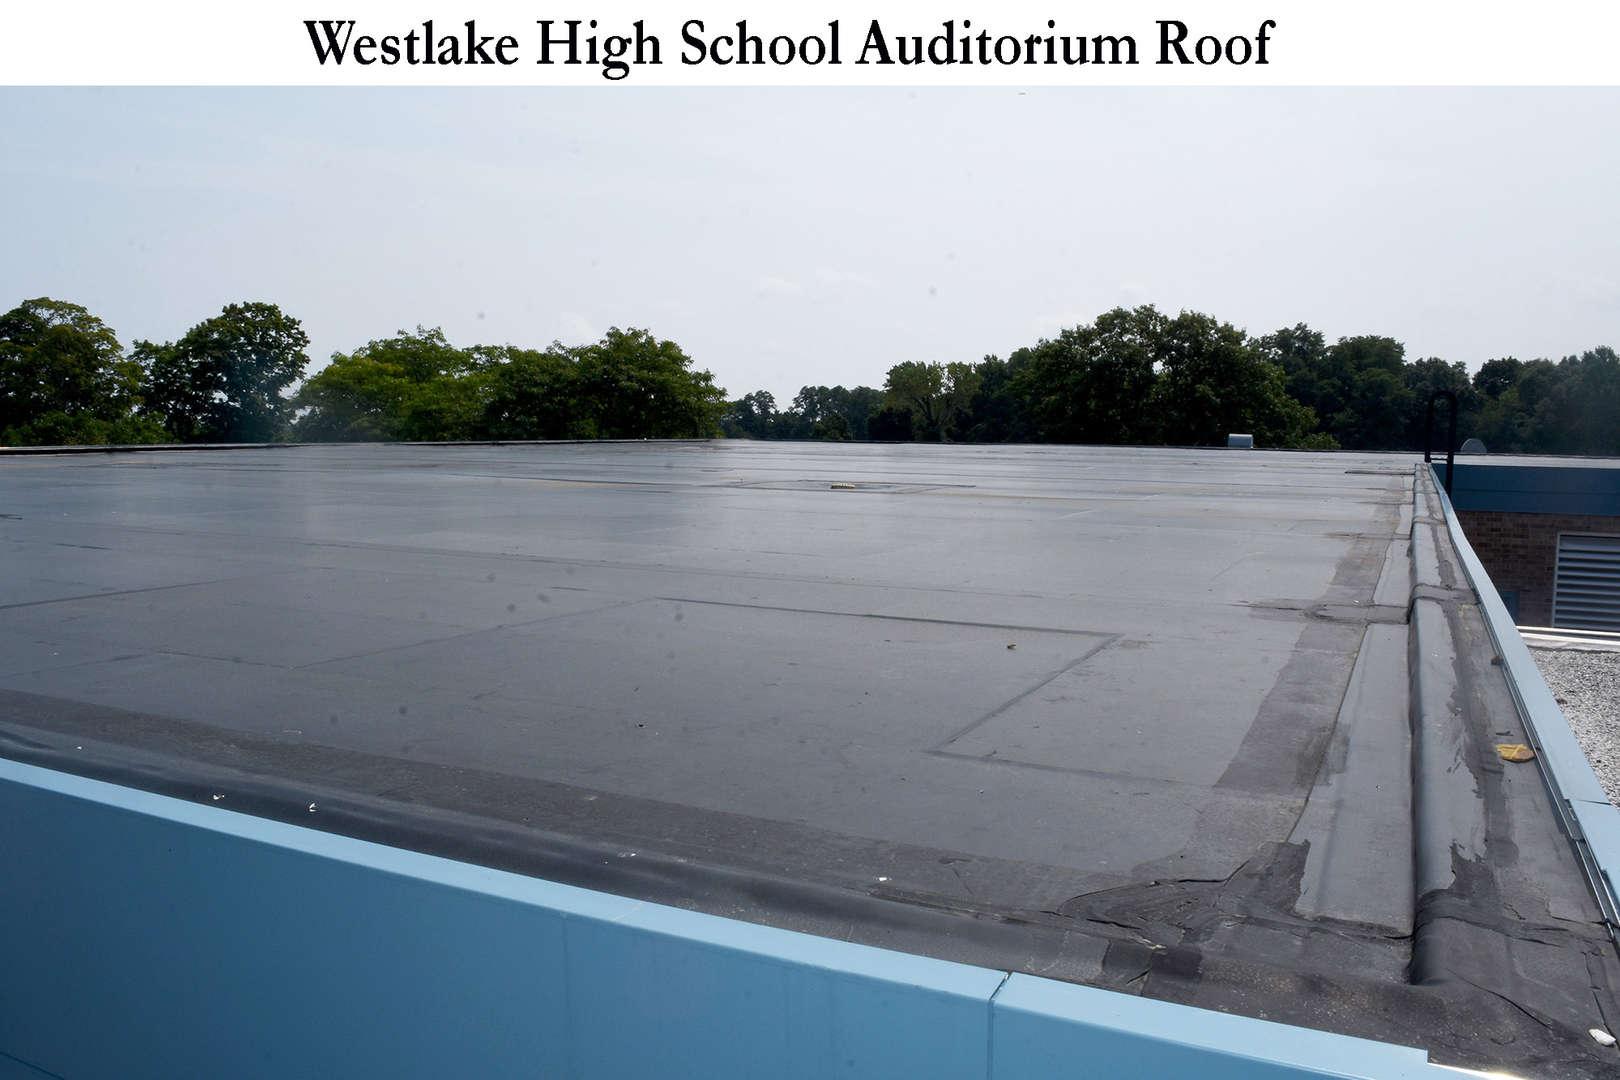 WHS Auditorium roof